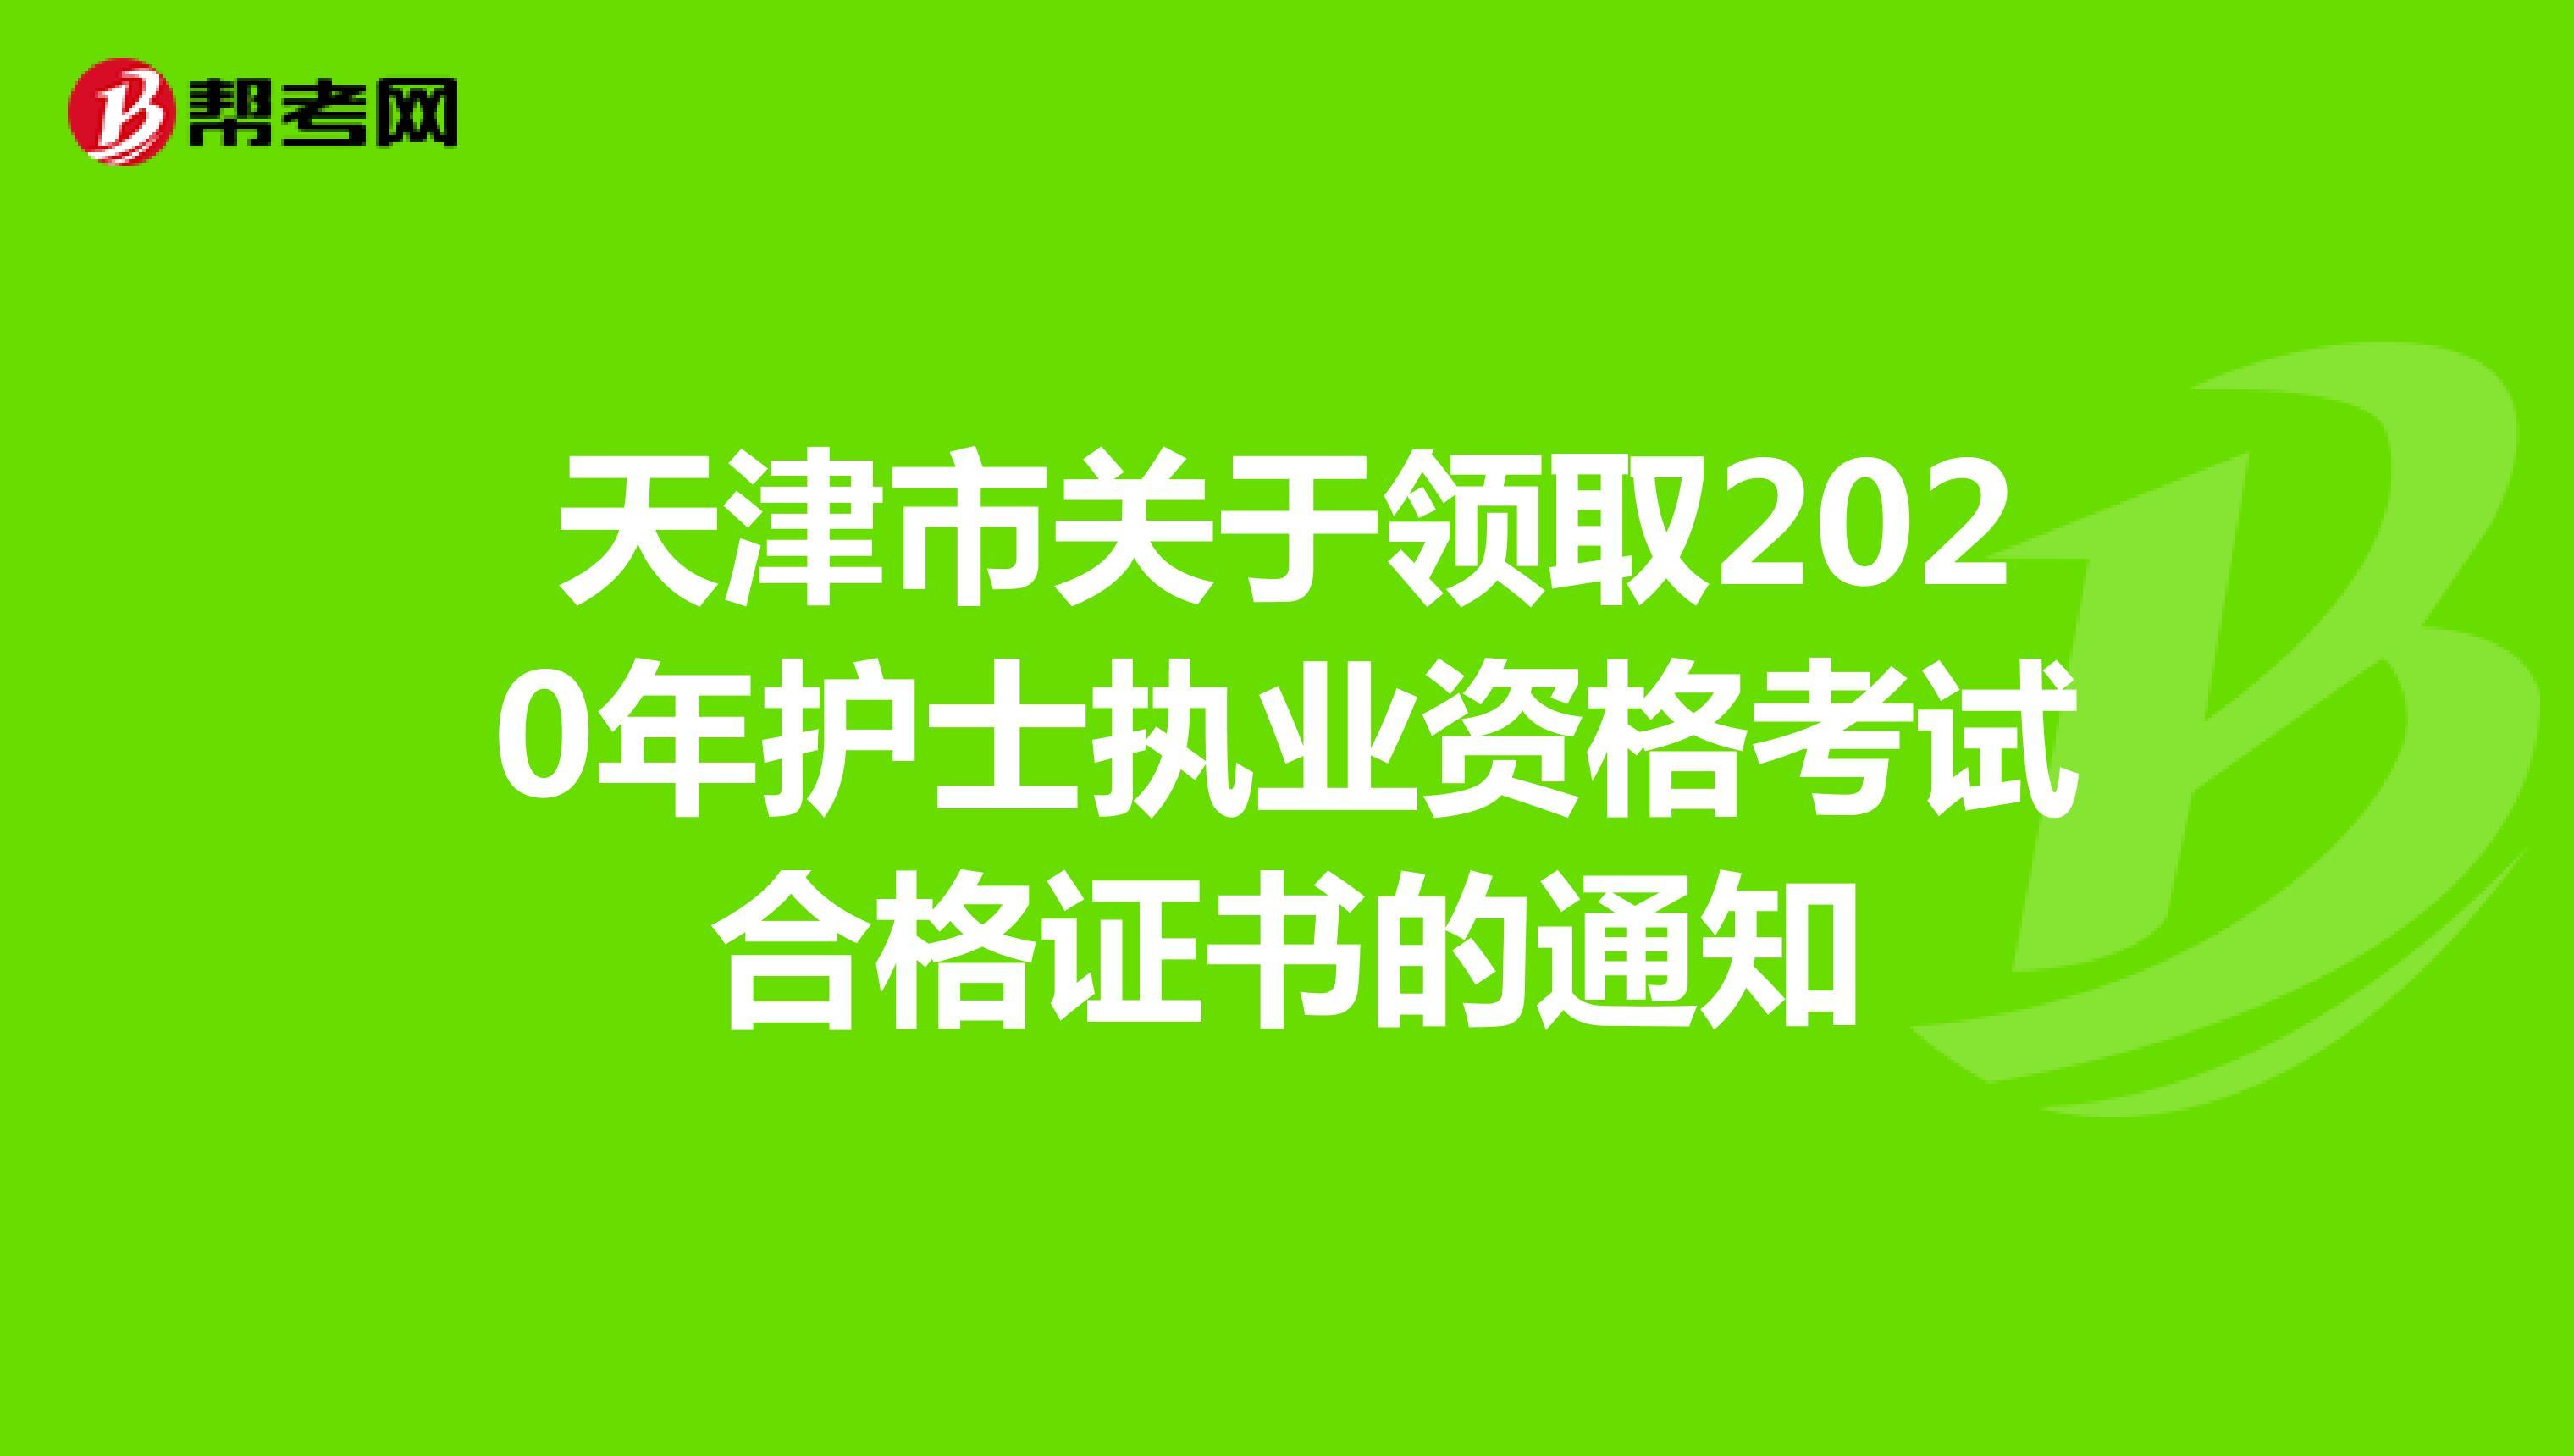 天津市關于領取2020年護士執業資格考試合格證書的通知